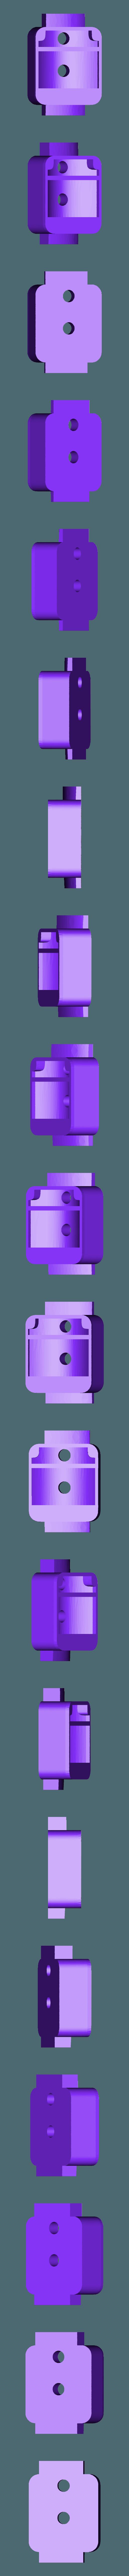 Headlights_BackLeft.stl Descargar archivo STL CHEVY VAN G20 RC BODY SCALER AXIAL MST TRX4 RC4WD • Modelo para imprimir en 3D, ilyakapitonov